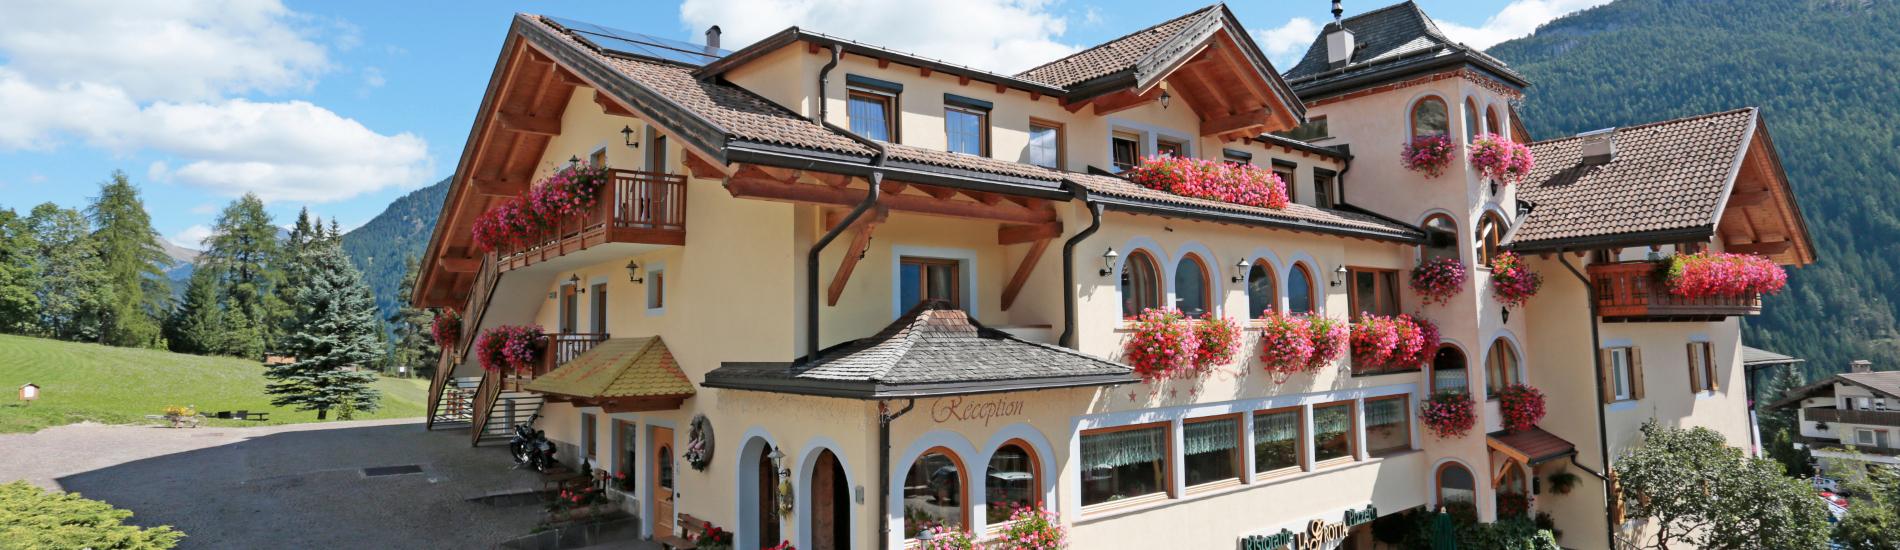 Hotel per Famiglie in Trentino Alto Adige